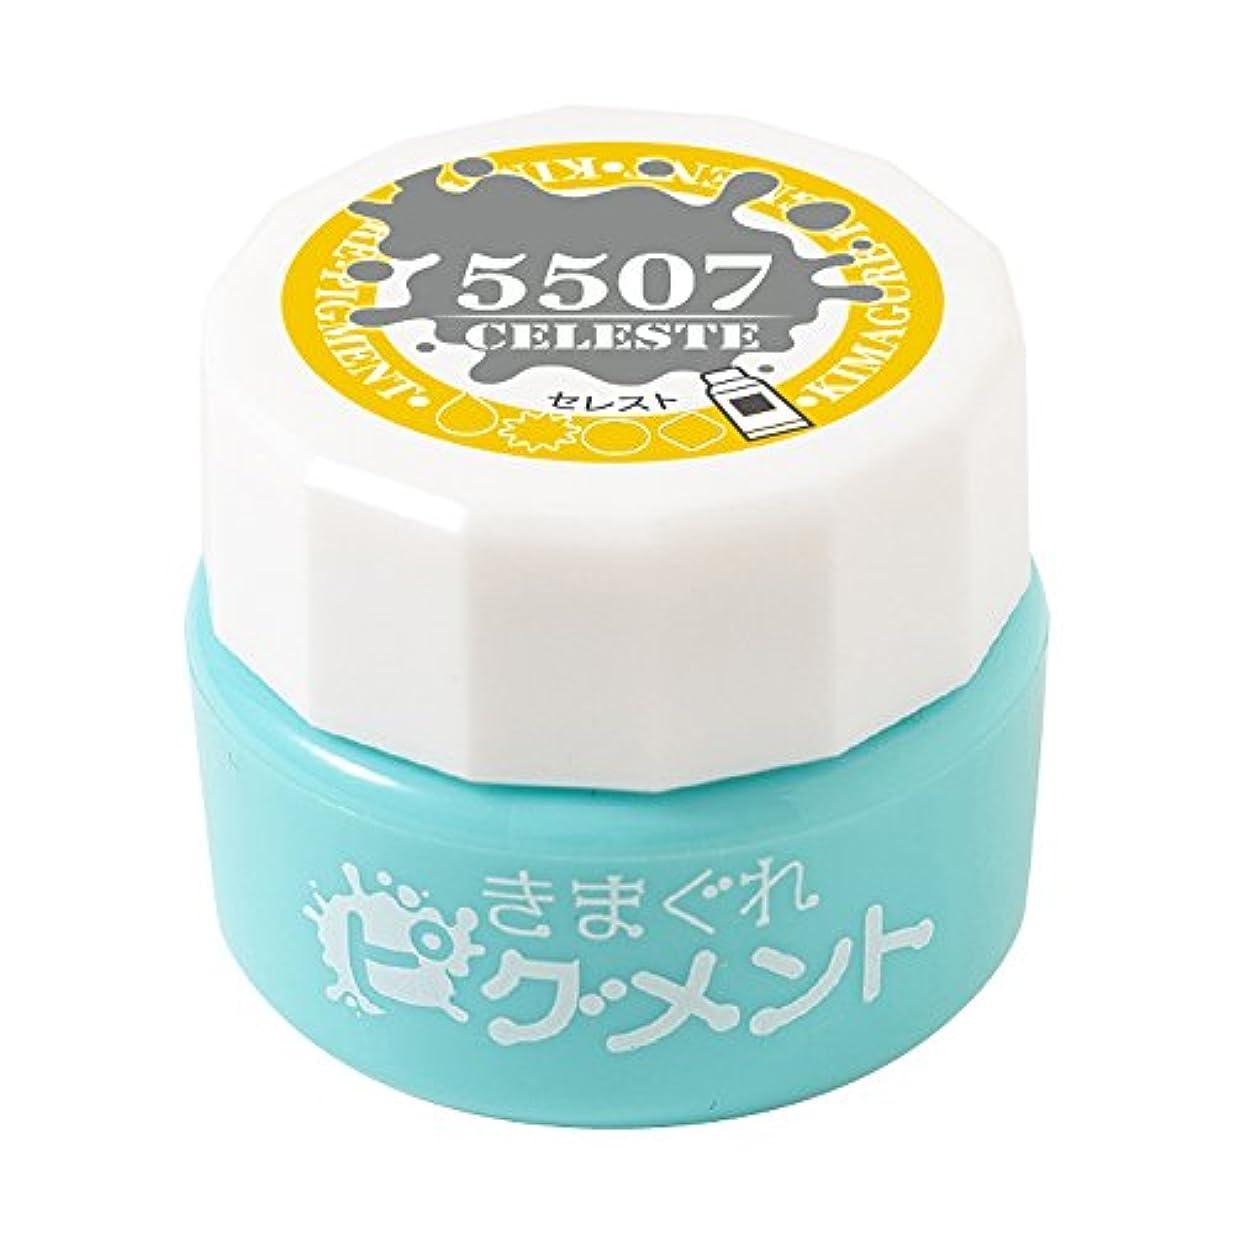 面白い二次唇Bettygel きまぐれピグメント セレスト QYJ-5507 4g UV/LED対応